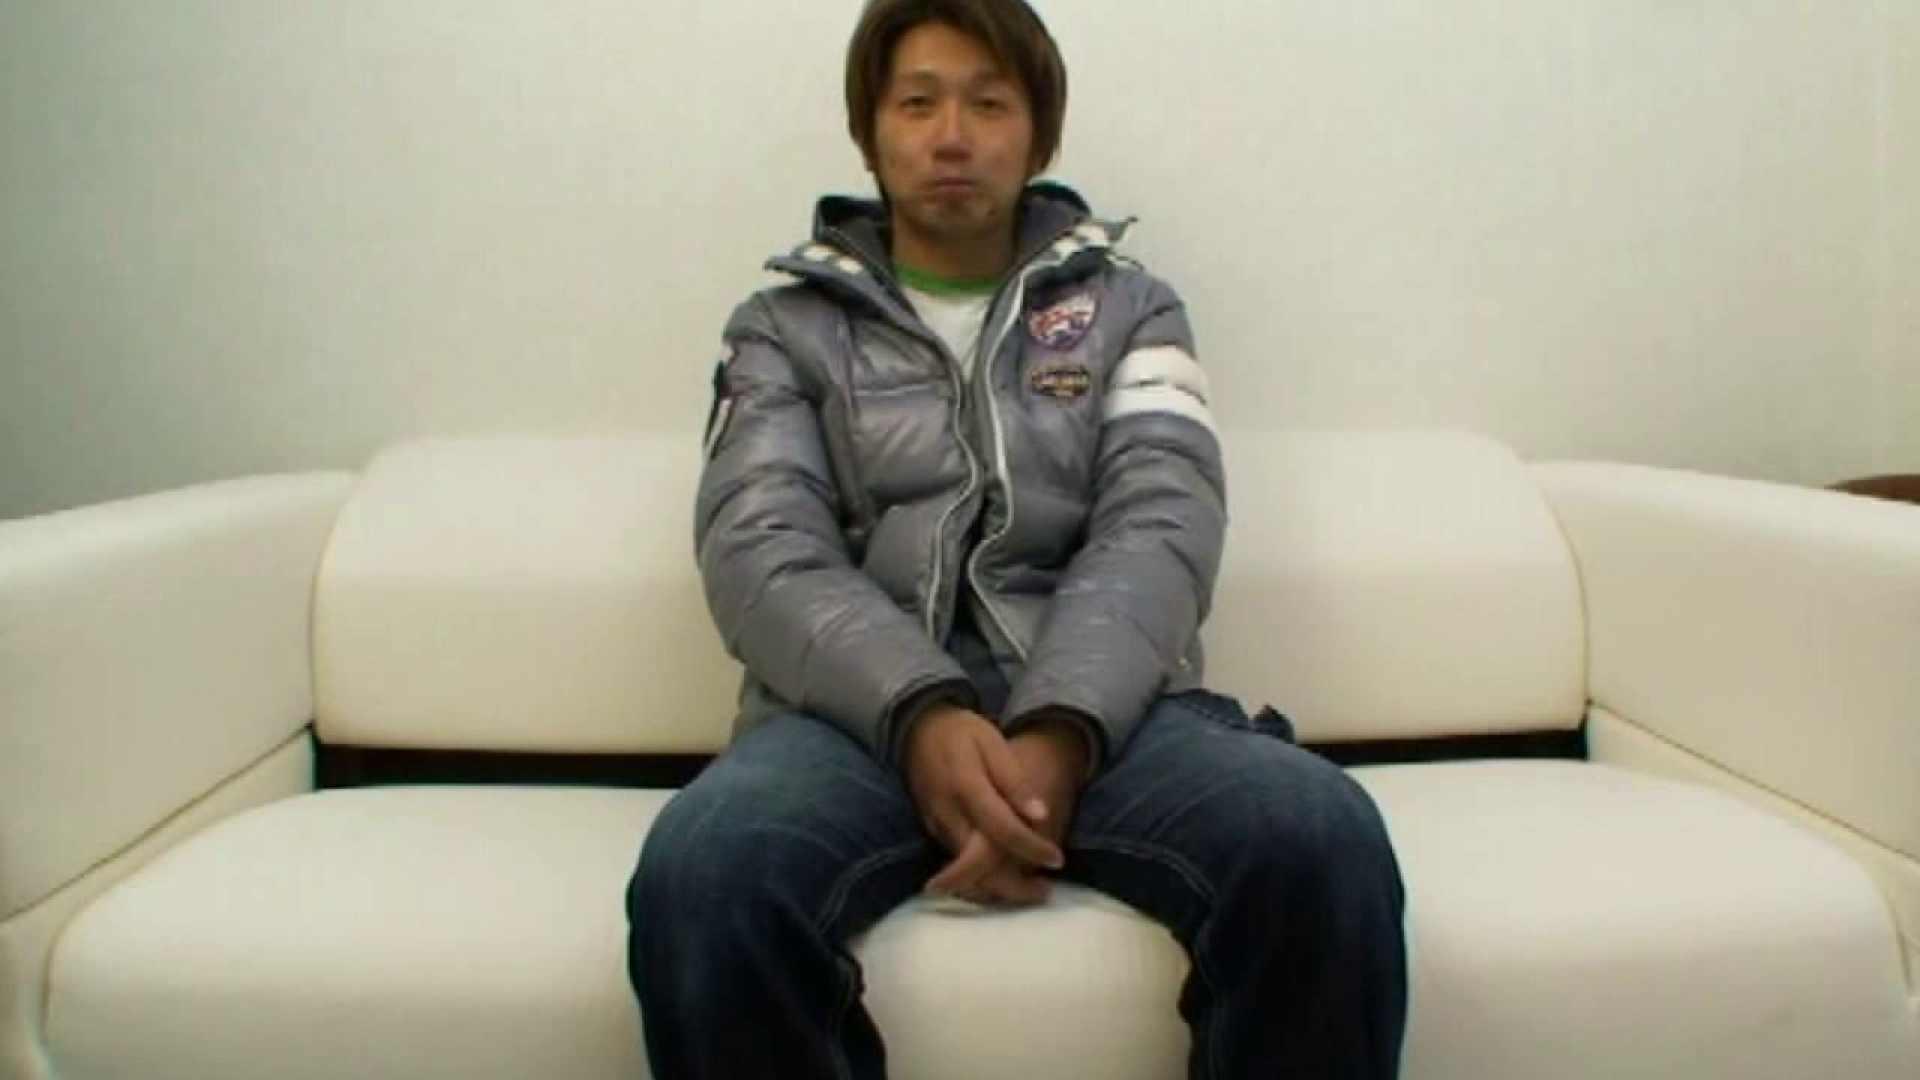 飲めやしごけや!ゲイ大会! フェラ天国 ゲイ素人エロ画像 94pic 16